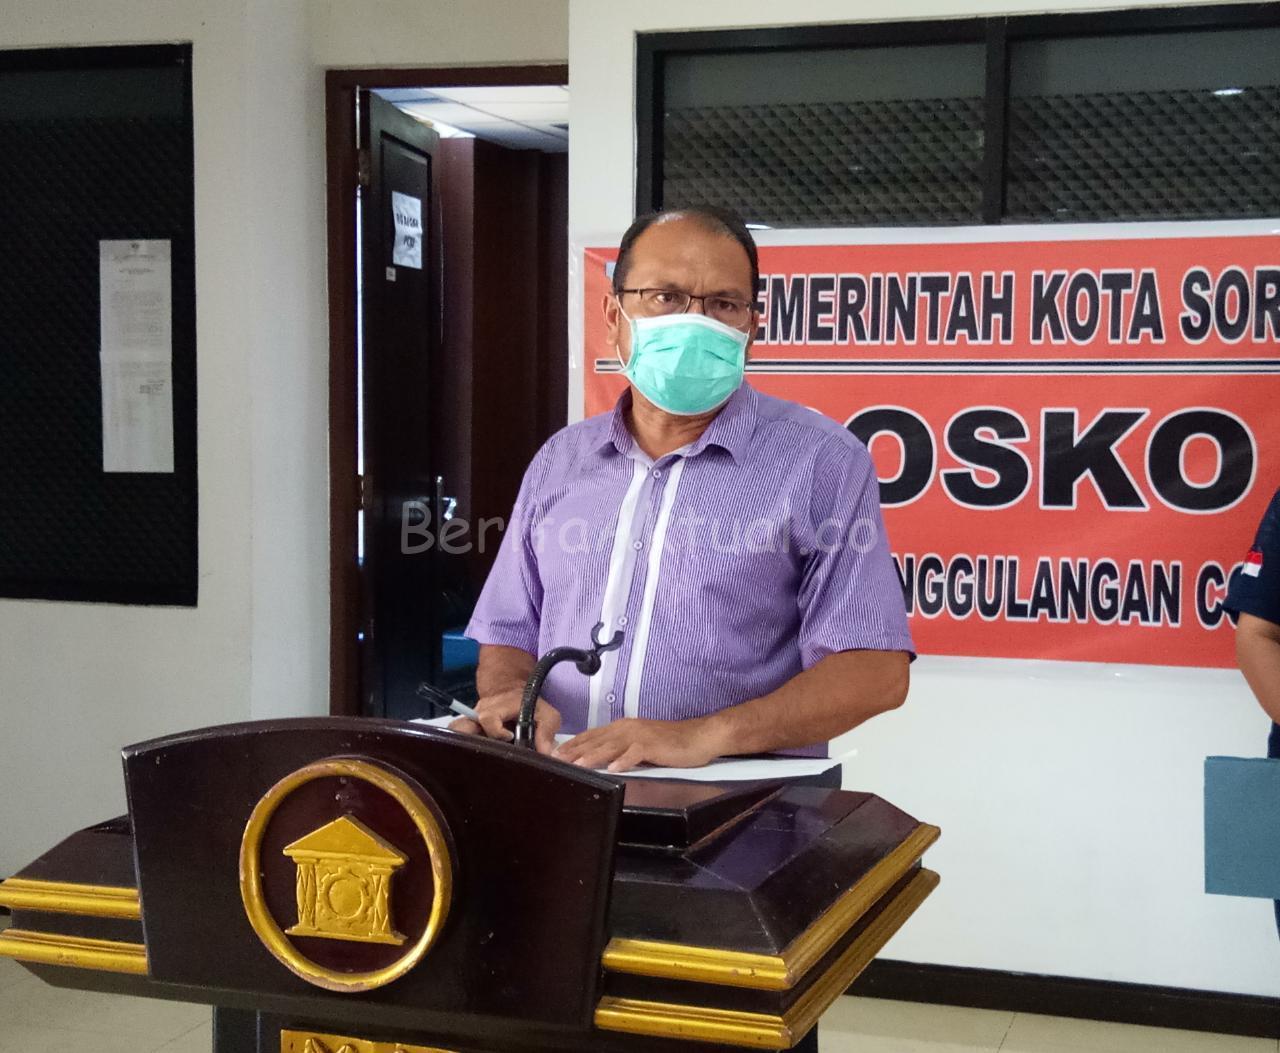 Orang Tanpa Gejala Corona Hampir Tersebar di Semua Distrik Kota Sorong 17 IMG 20200404 WA0041 1